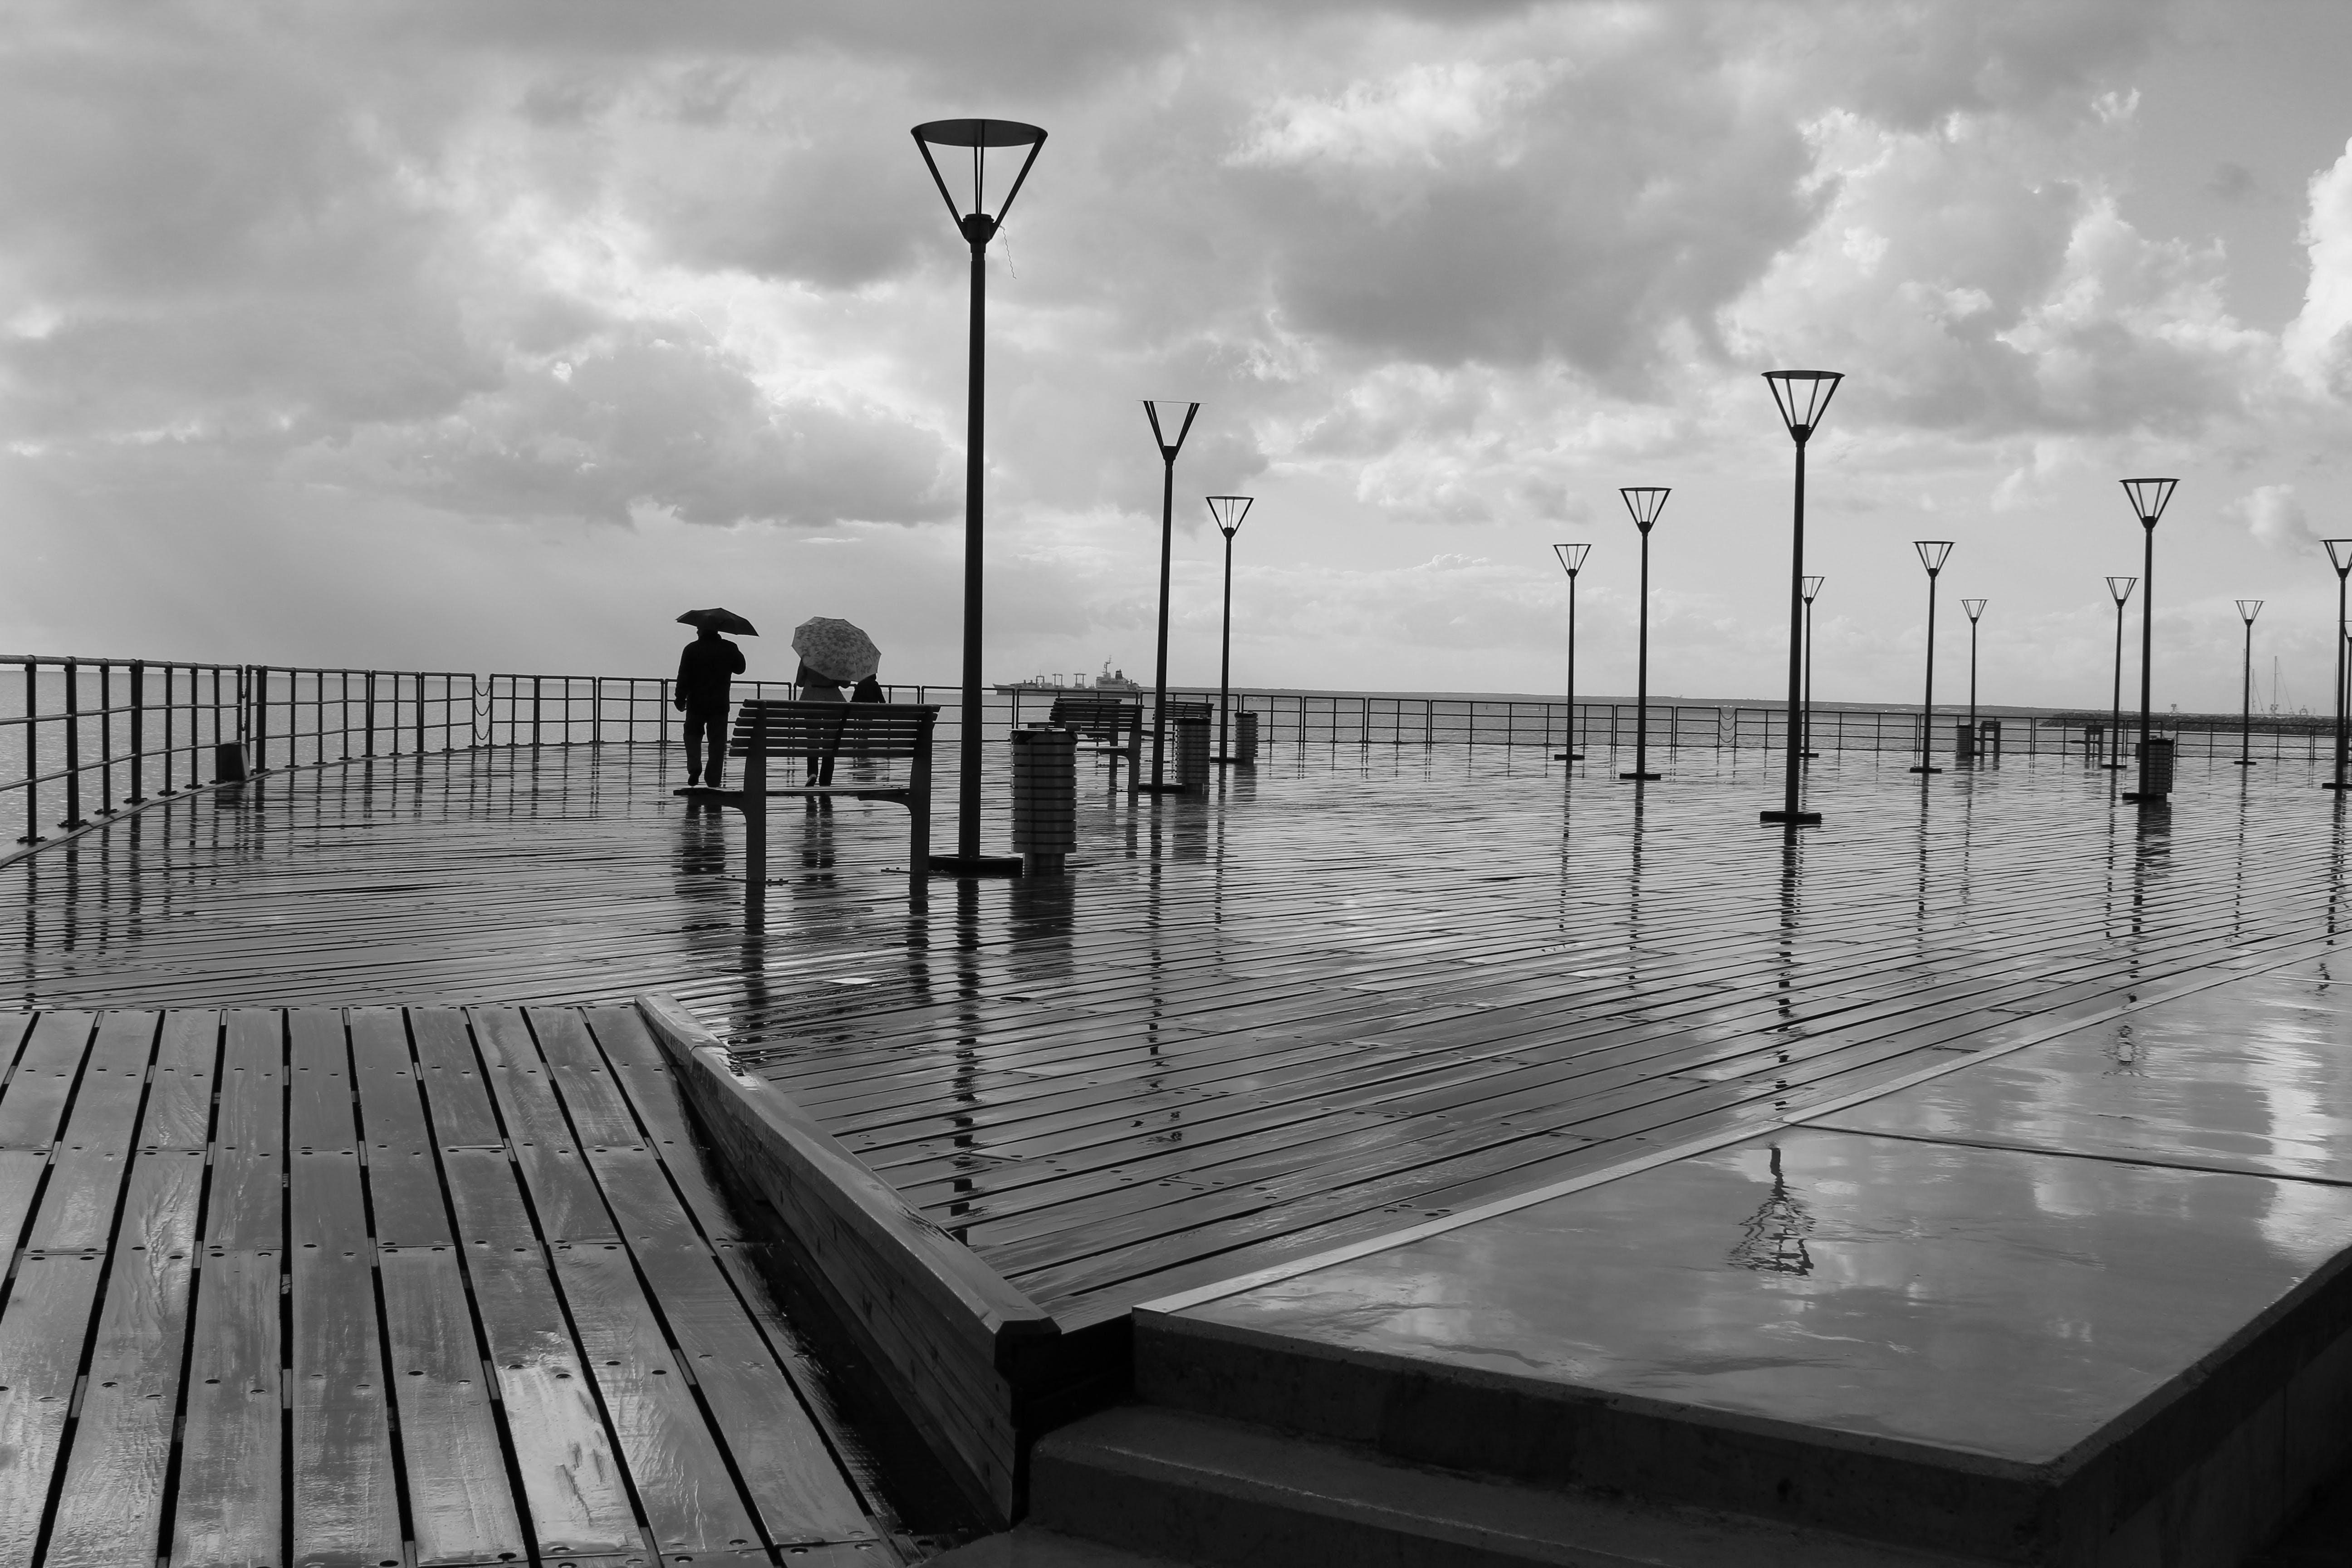 Immagine gratuita di acqua, alba, banchina, barca